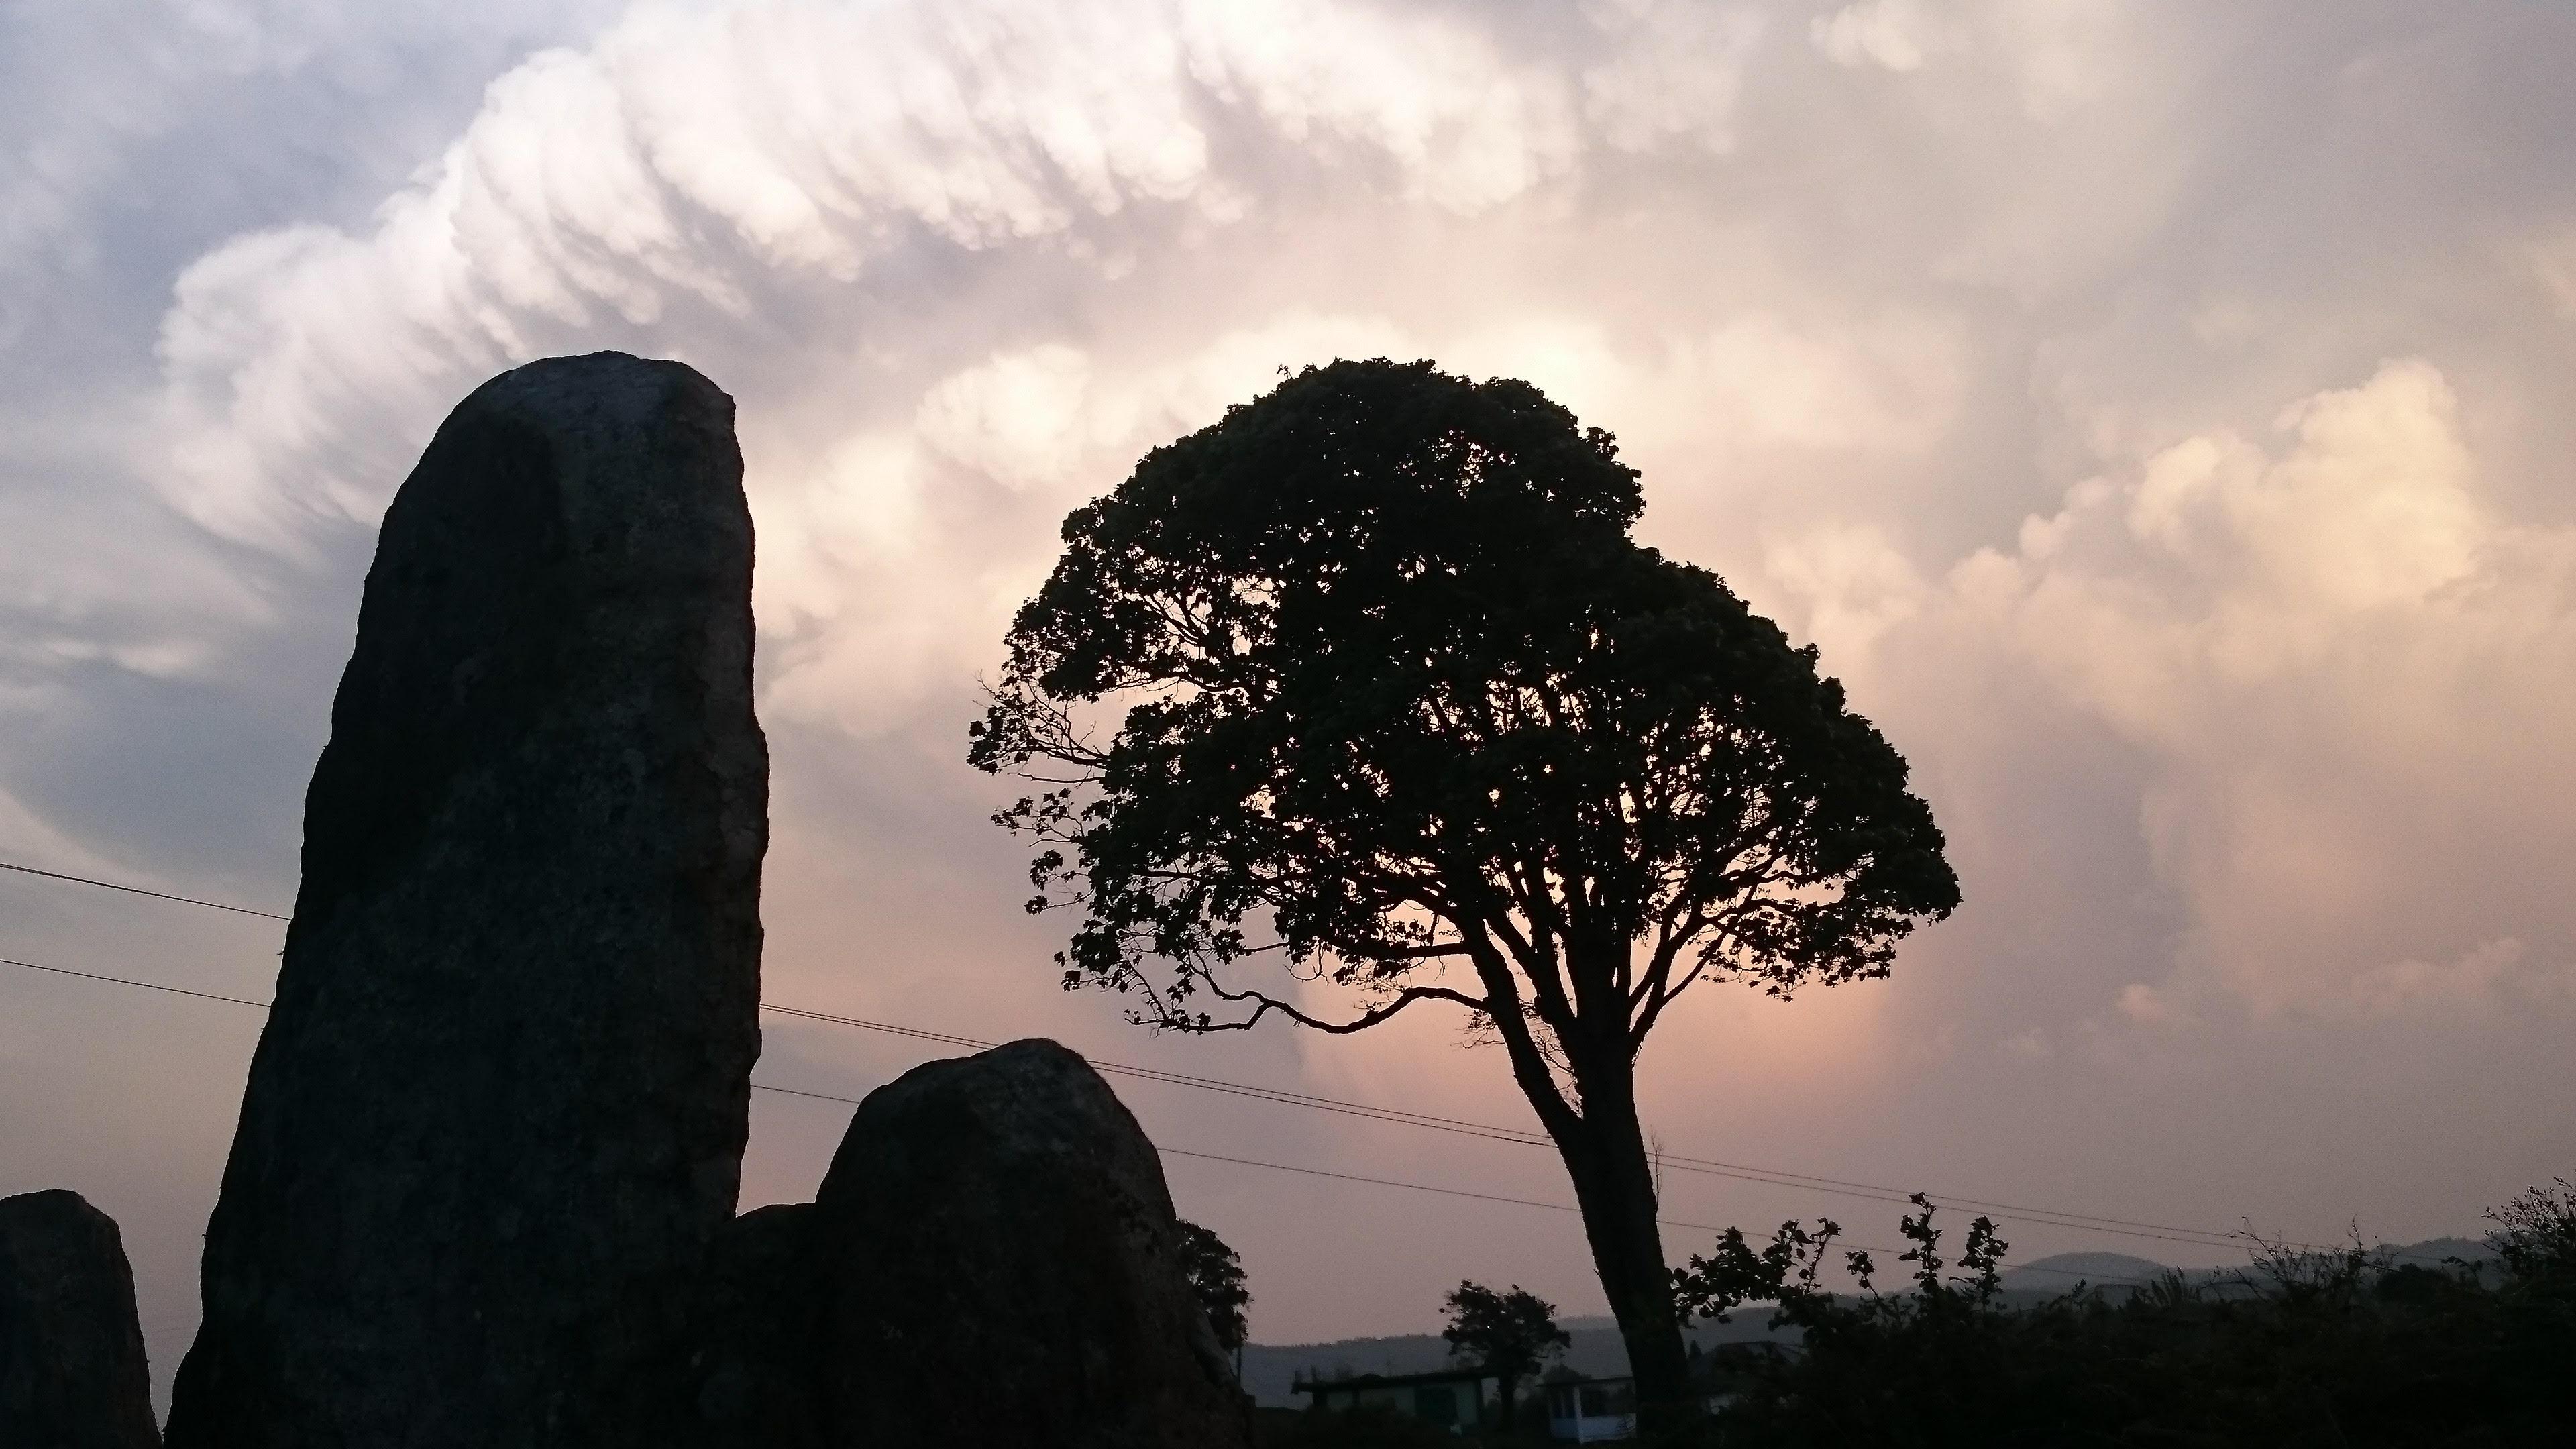 Monilith site